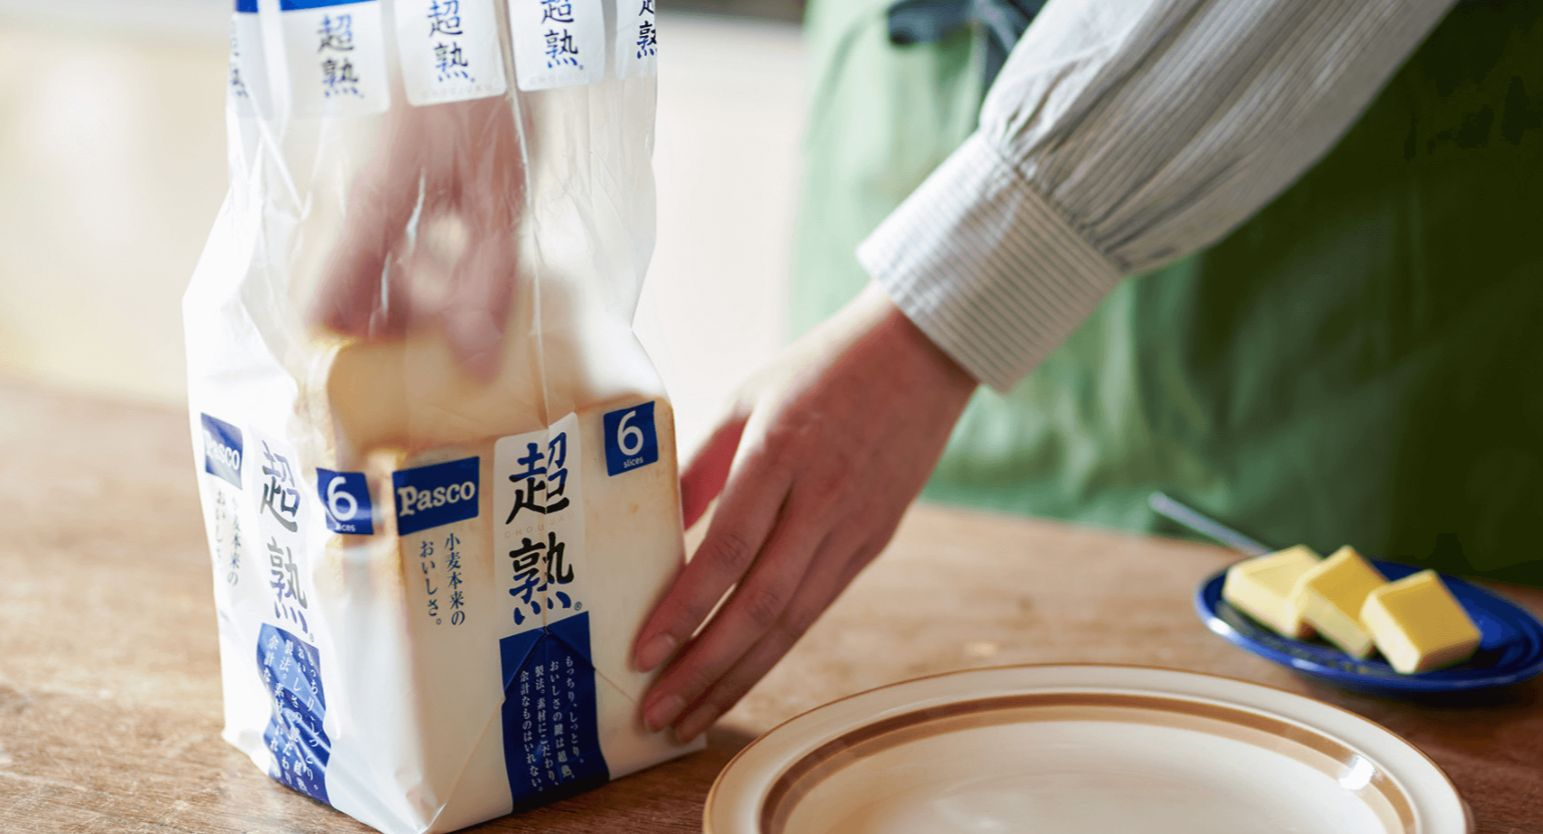 「超熟」が売れ続ける敷島製パンの時代を読む力